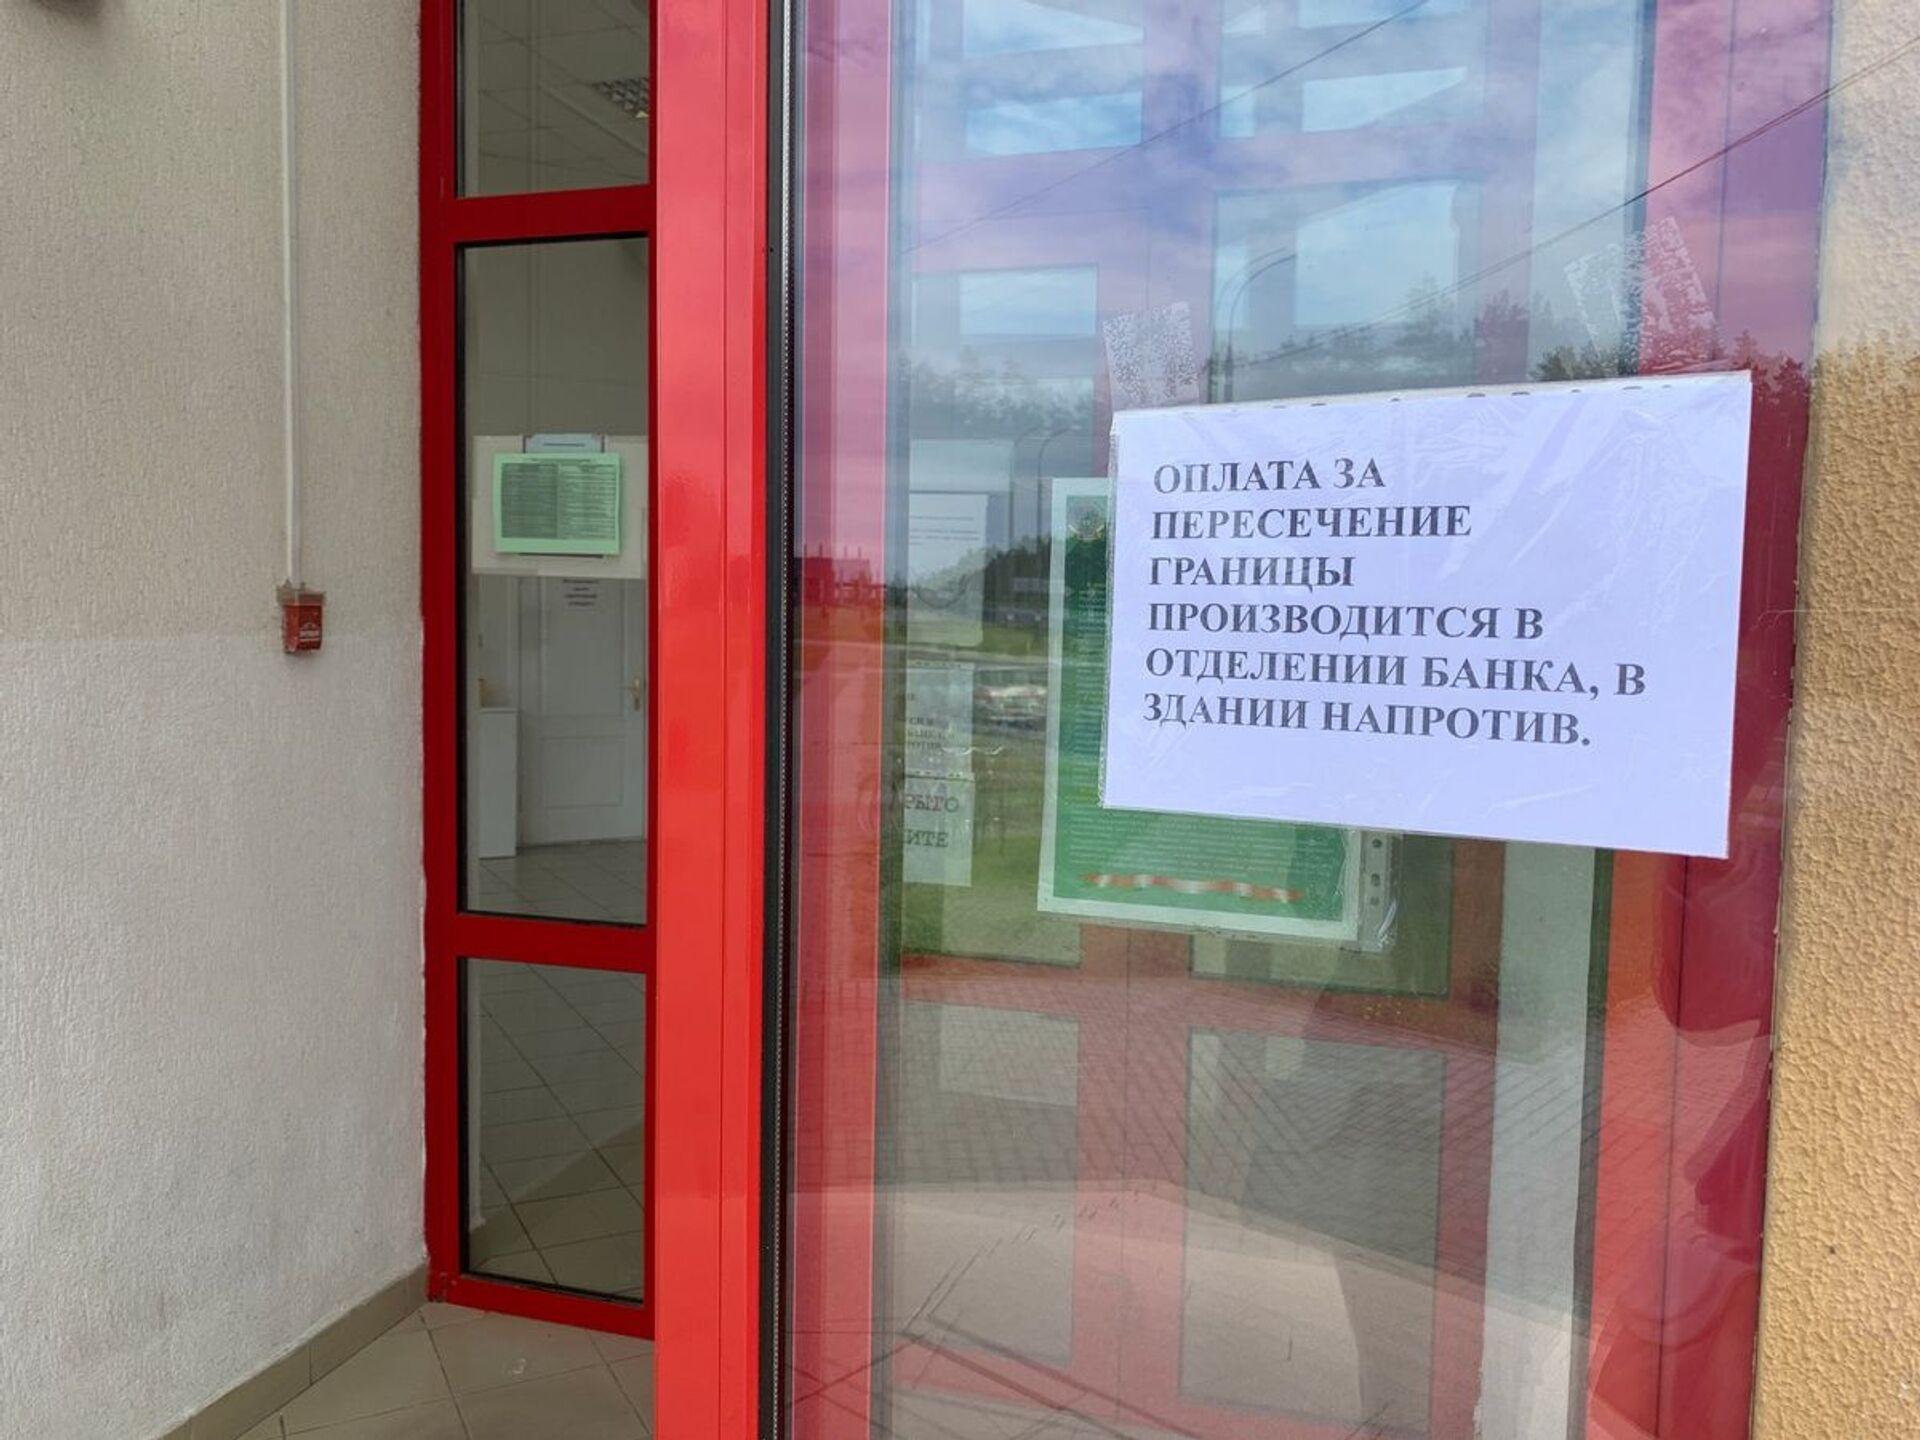 Работники страховых компаний устали рассказывать водителям, где можно оплатить сбор - инструкций, куда идти, на границе не было - Sputnik Беларусь, 1920, 29.06.2021